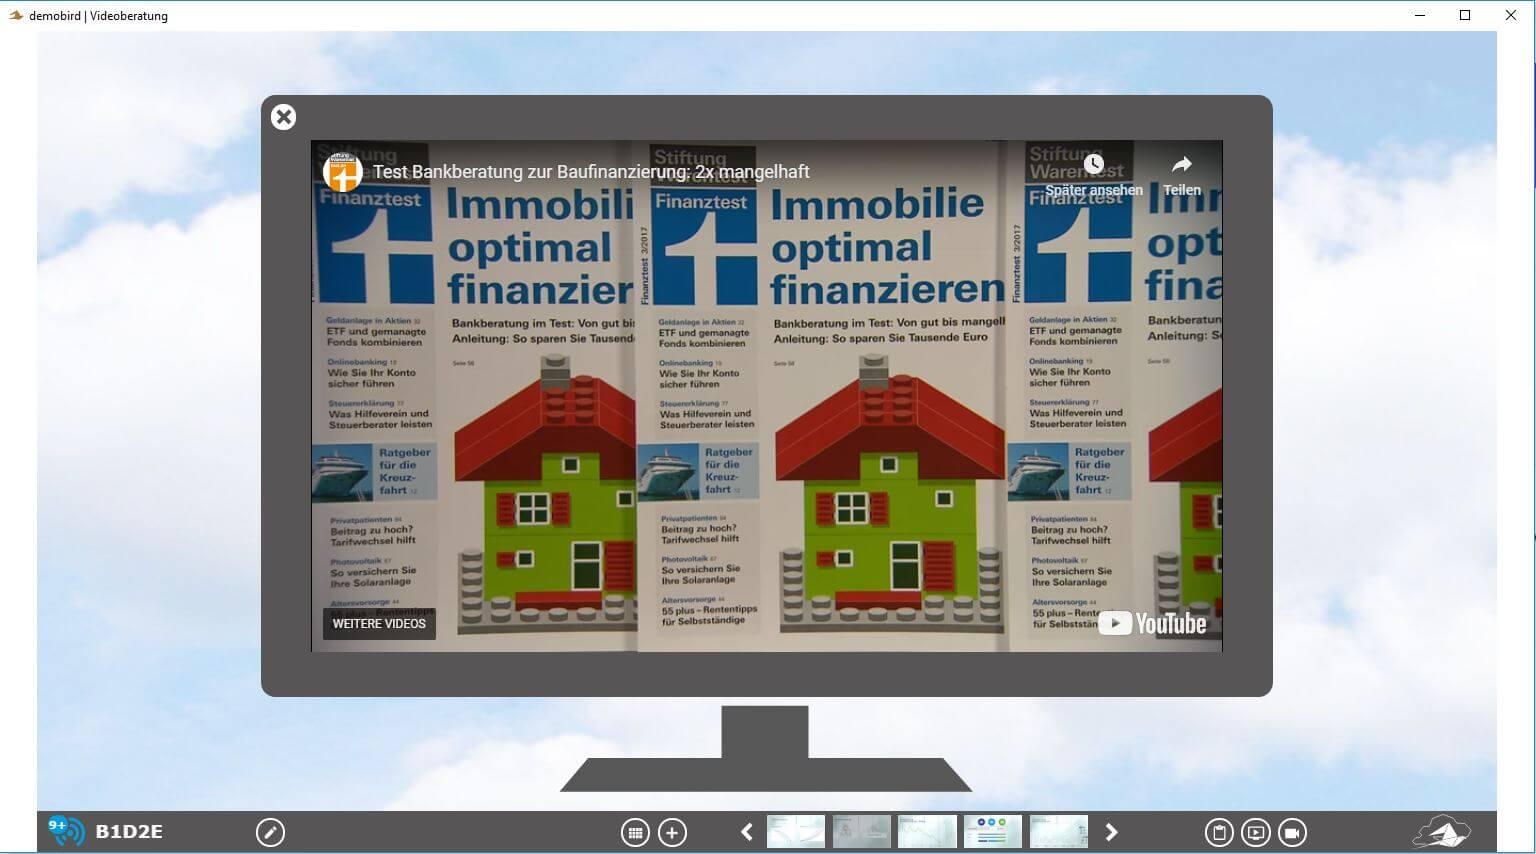 [Baufinanzierung-Online-Beratung] Mit diesen 3 Onlineberatung - Strategien vermitteln wir bis zu 20 Mio Baufi-Summe pro Jahr